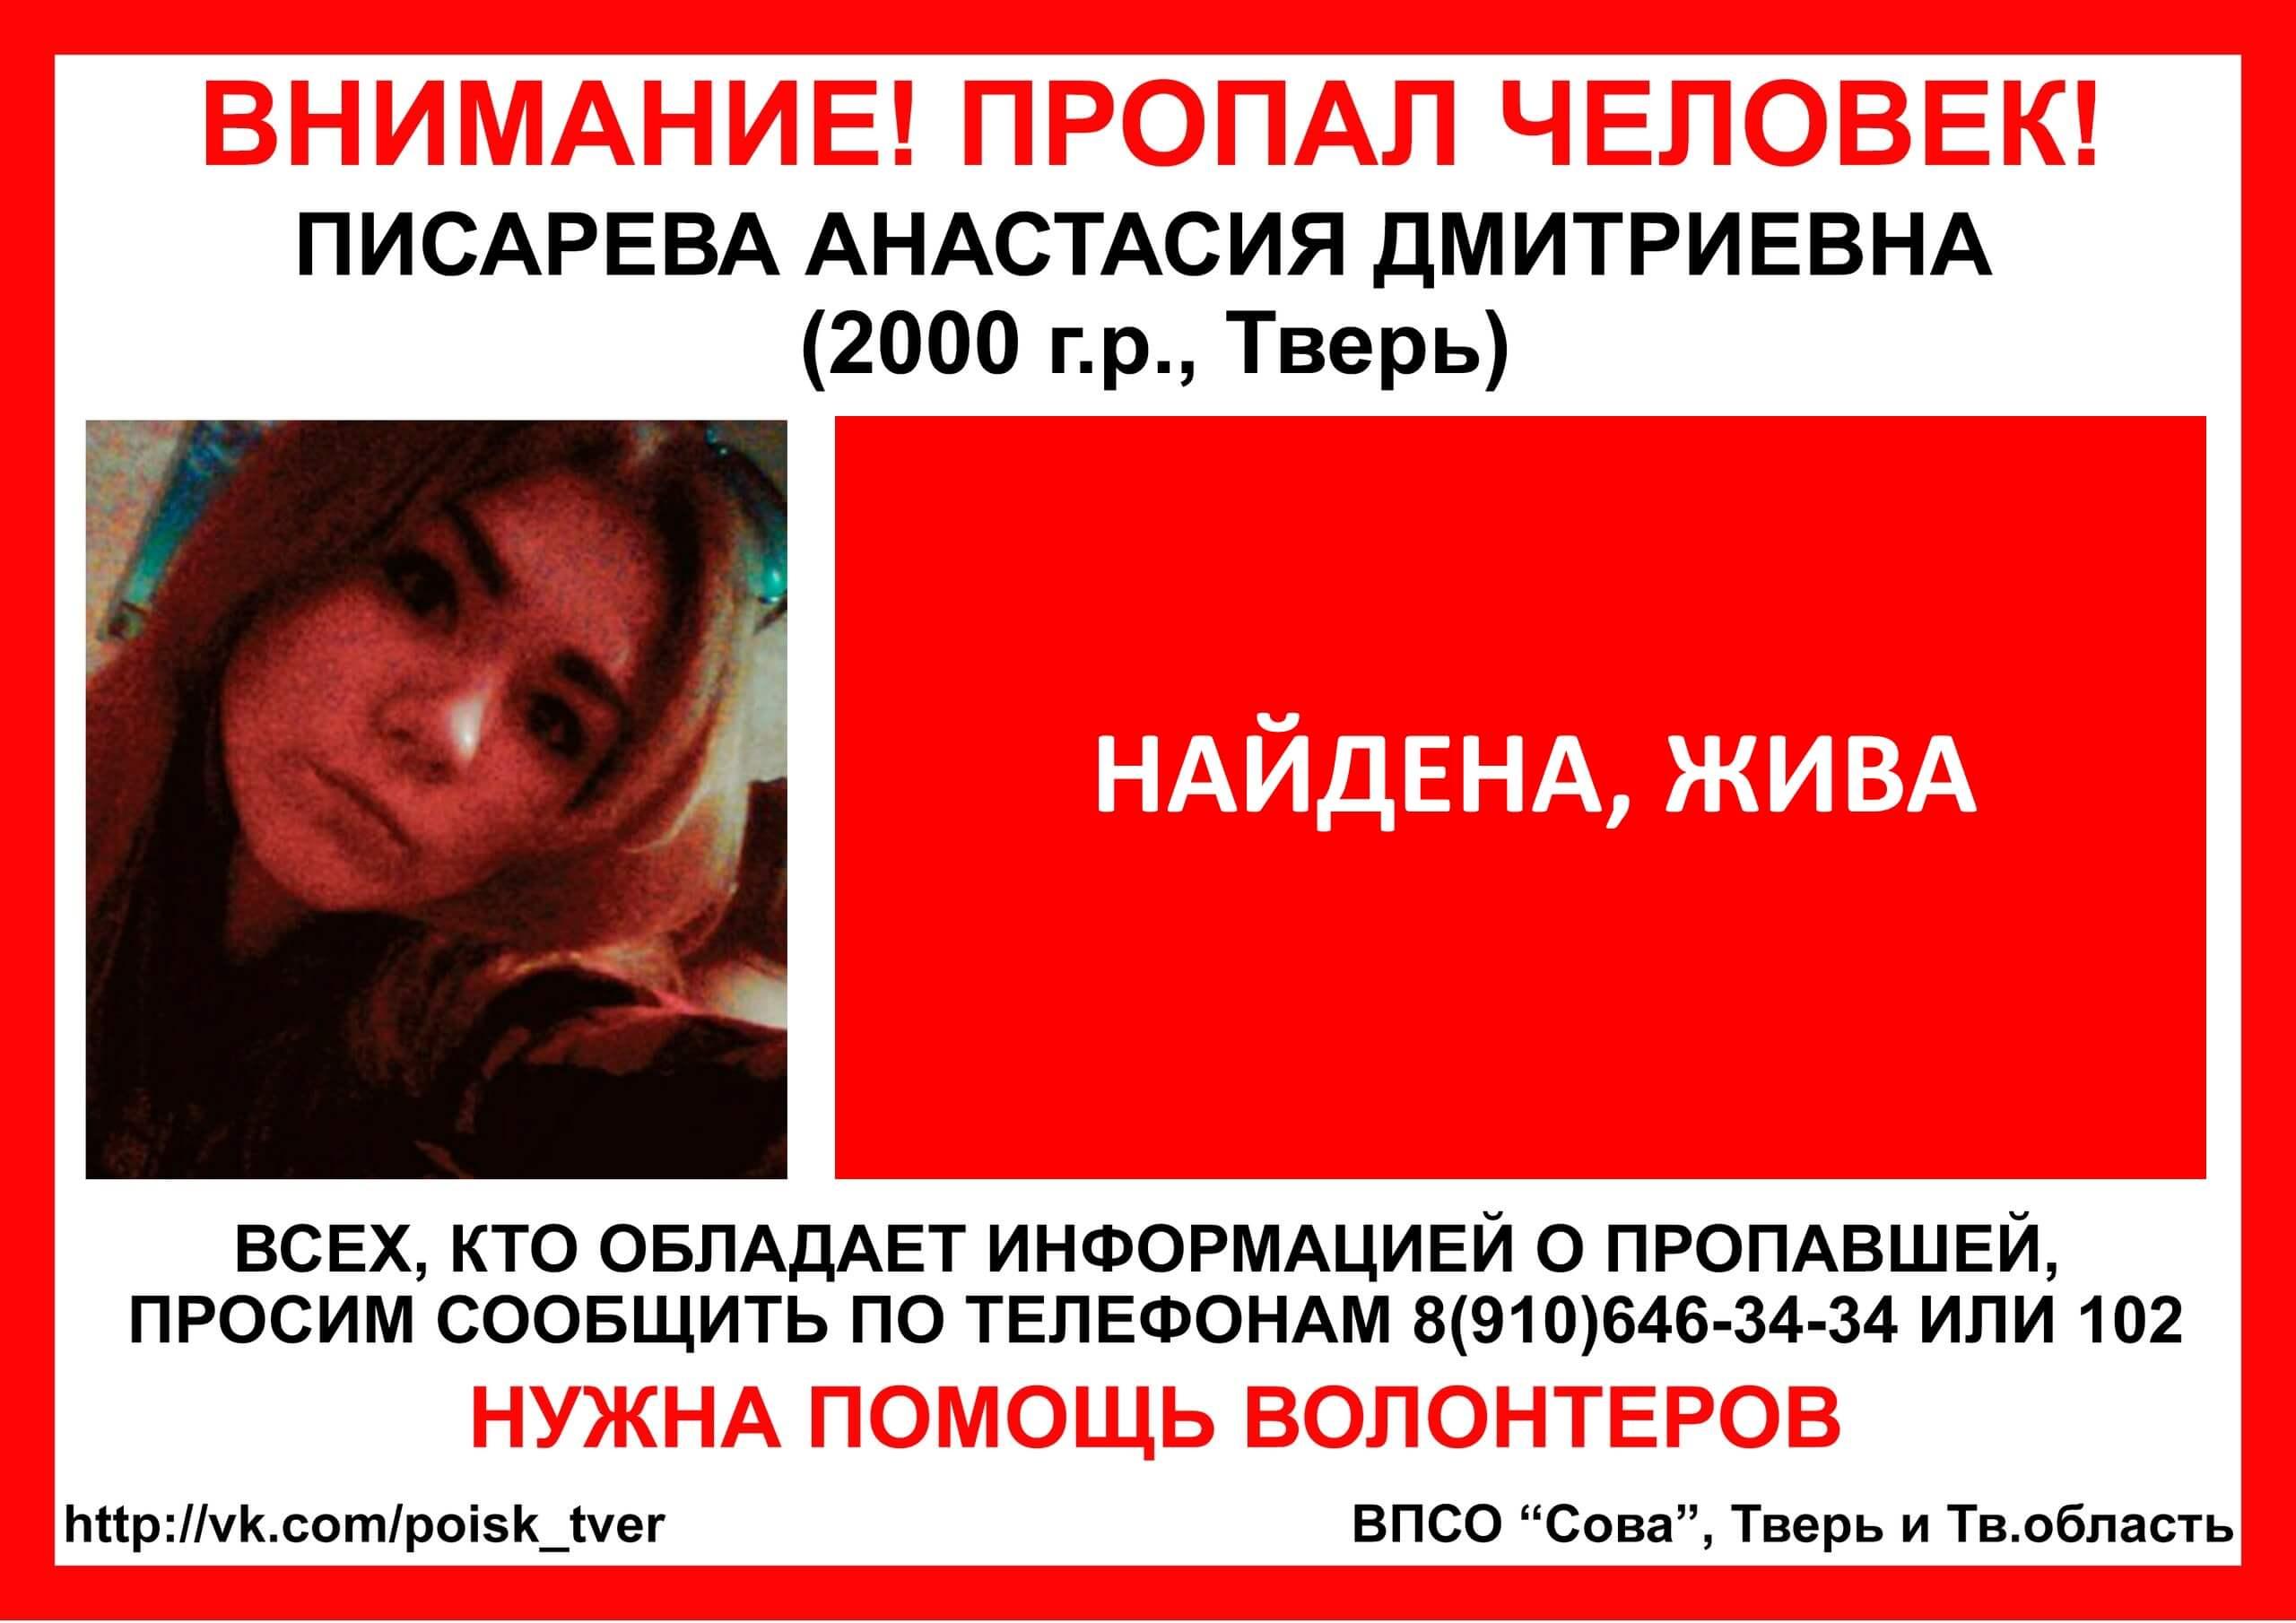 Пропавшую в Твери 16-летнюю девушку нашли у подруги